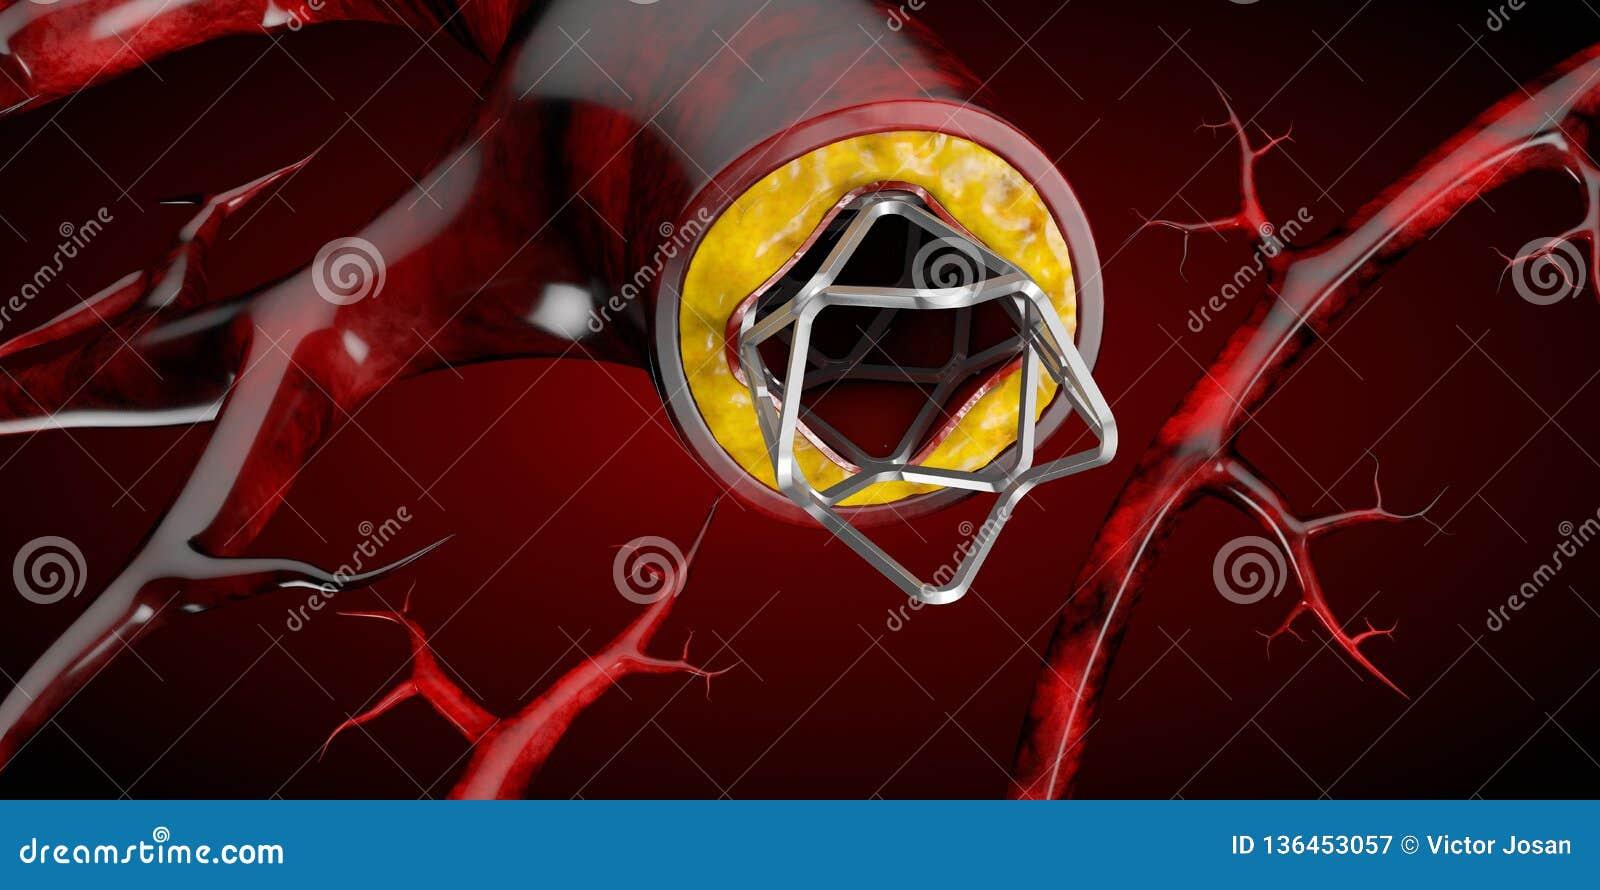 Stent medisch implant concept als het symbool 3D illustratie van de hartkwaalbehandeling